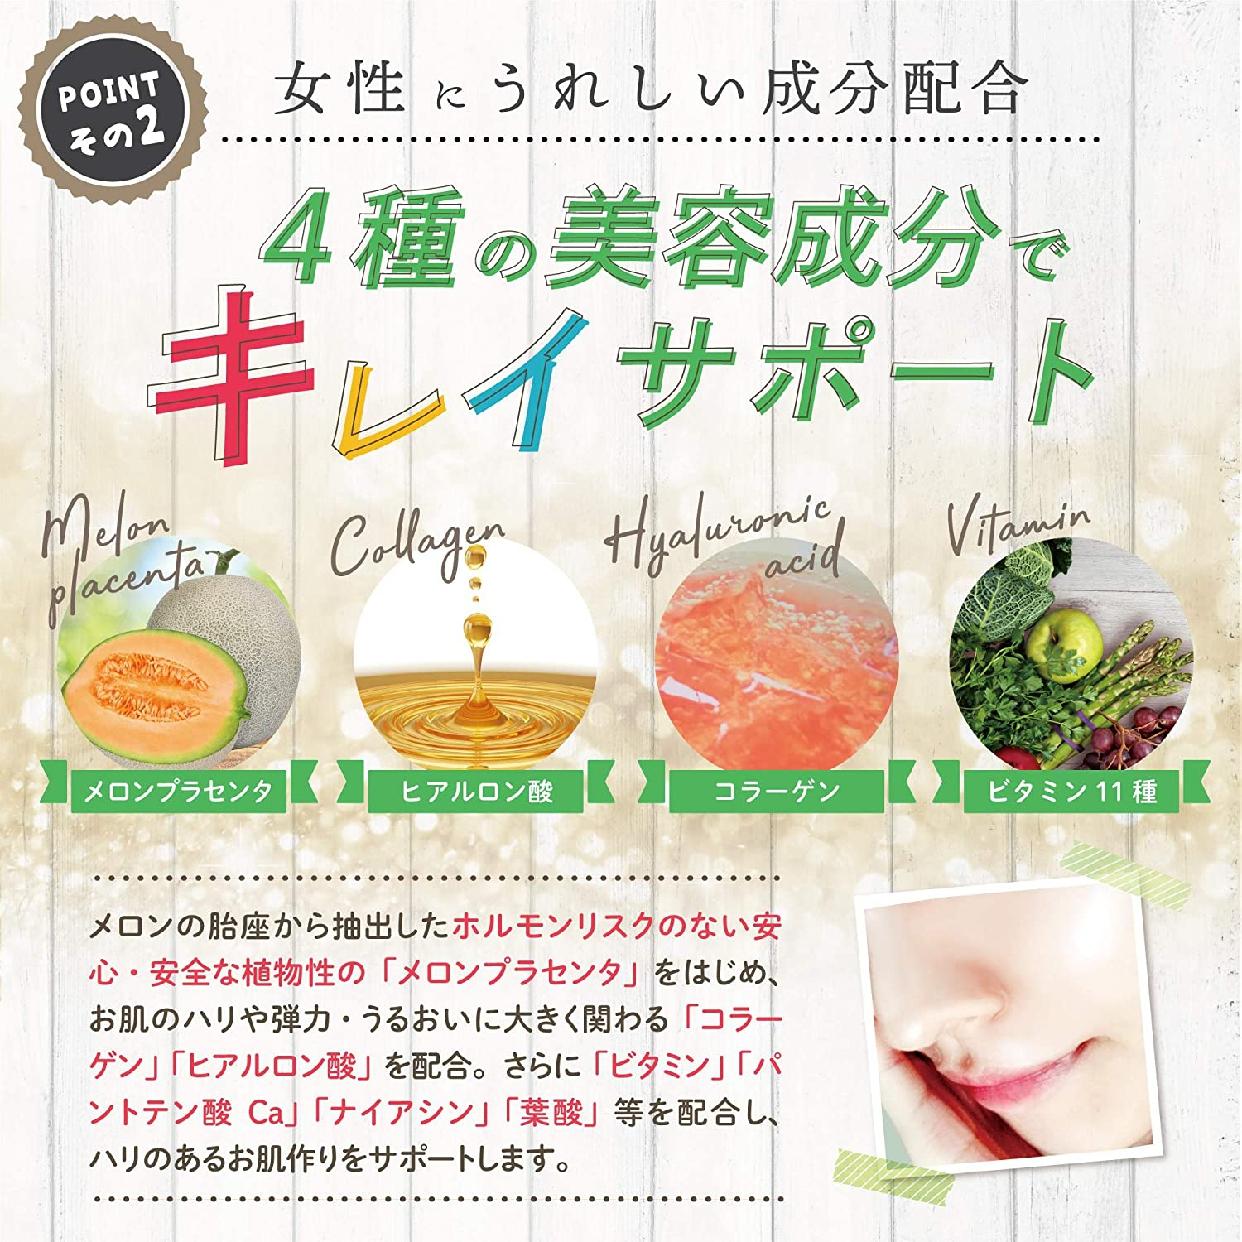 Re:fata(リファータ)フルーツと野菜のおいしい青汁の商品画像4